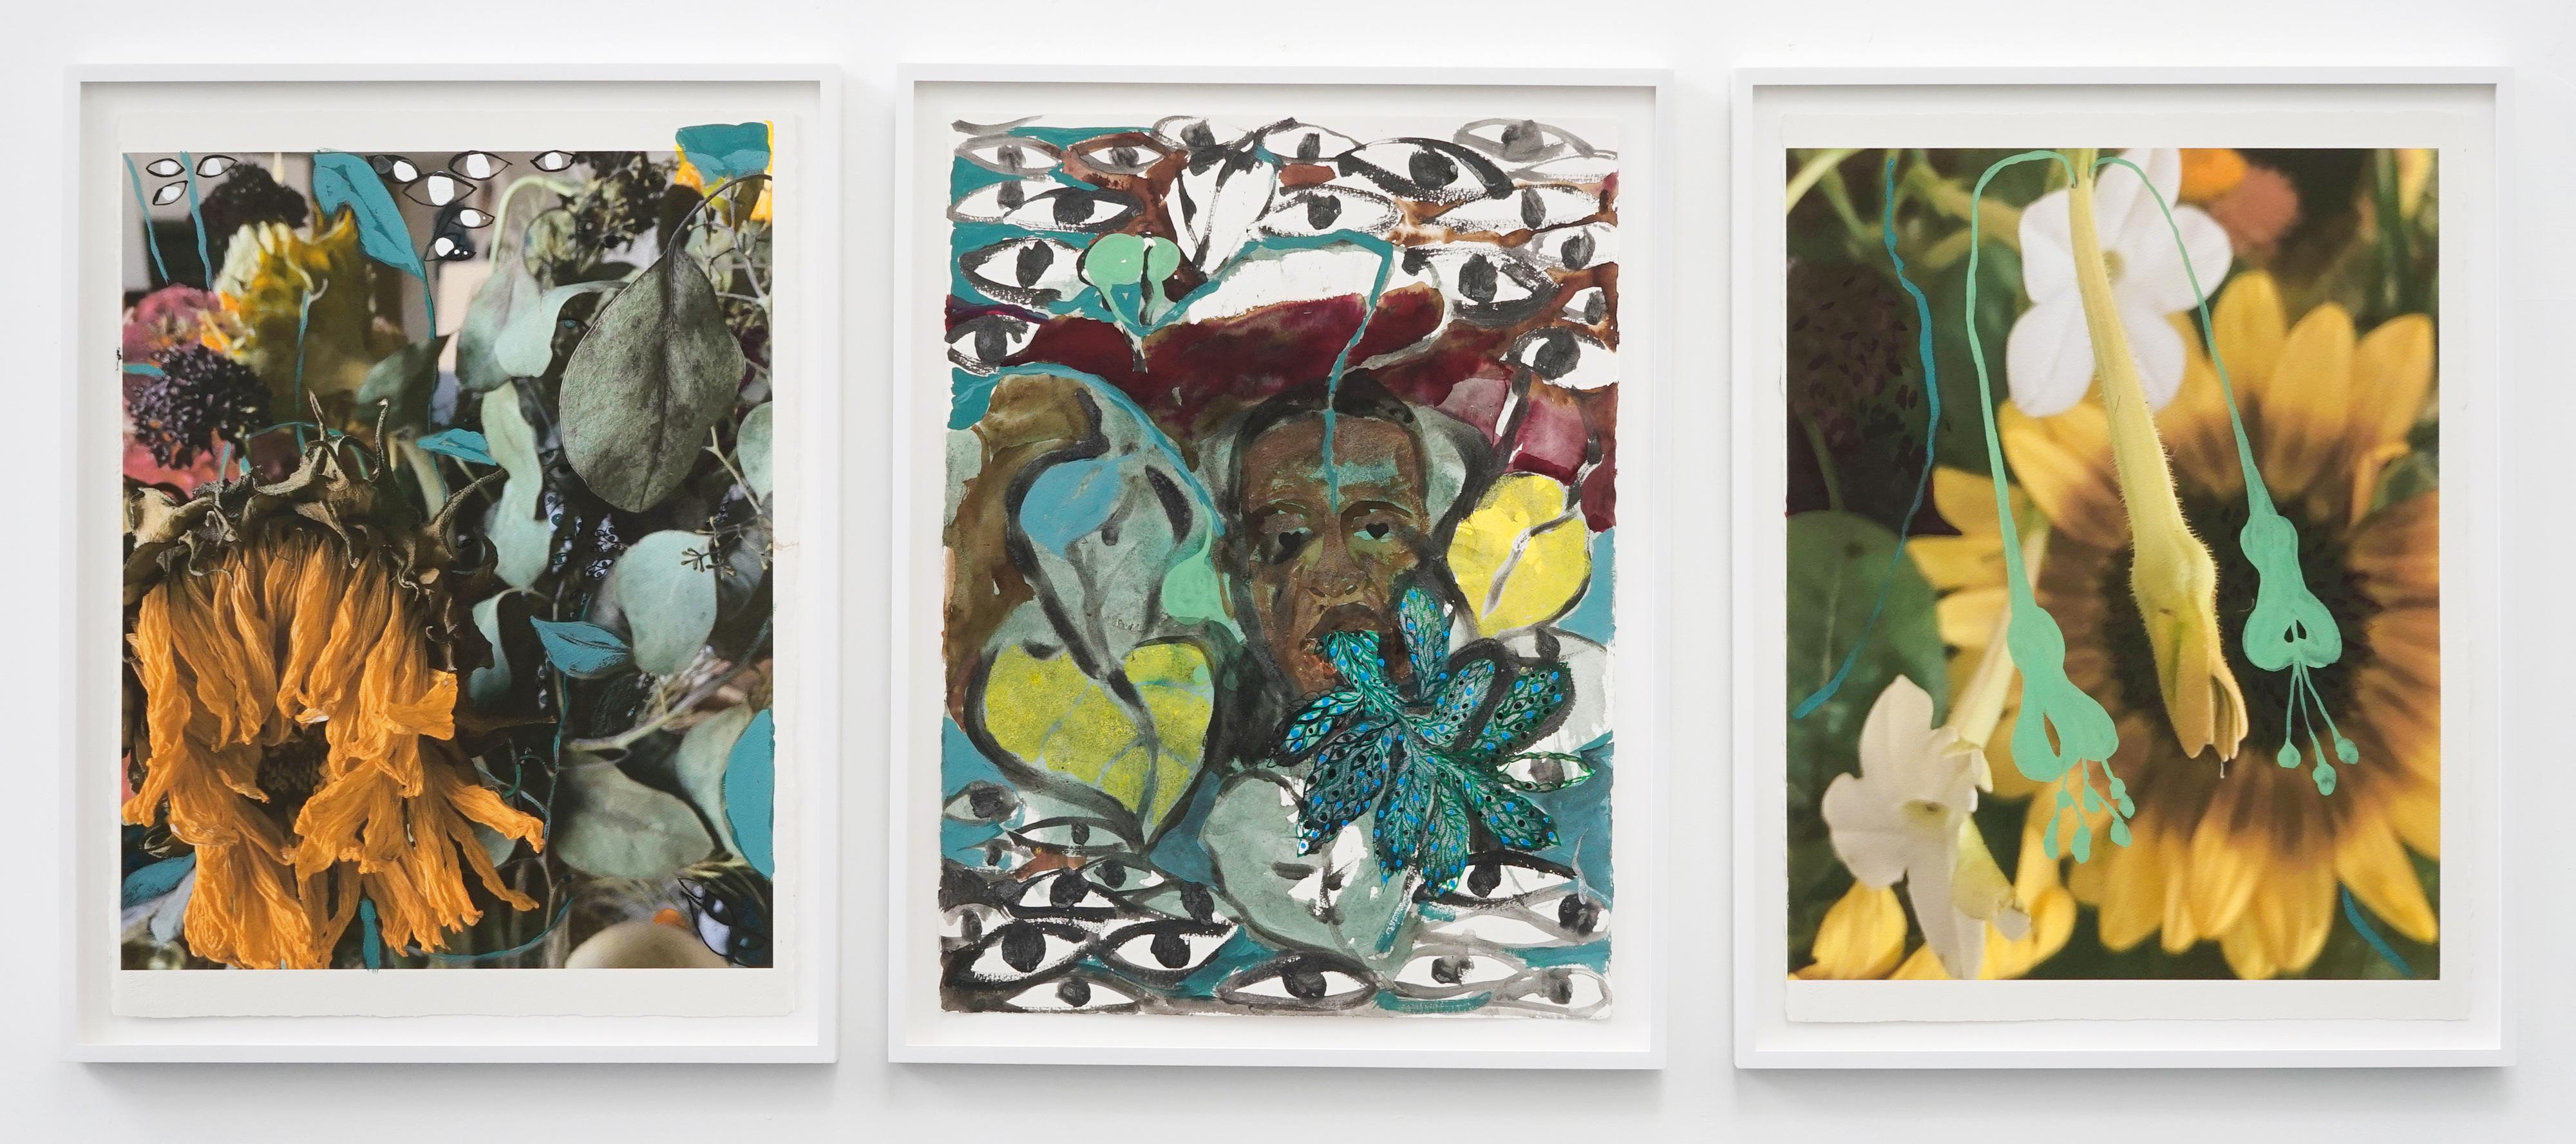 Galerie Barbara Thumm \ New Viewings #25 \ María Magdalena Campos-Pons